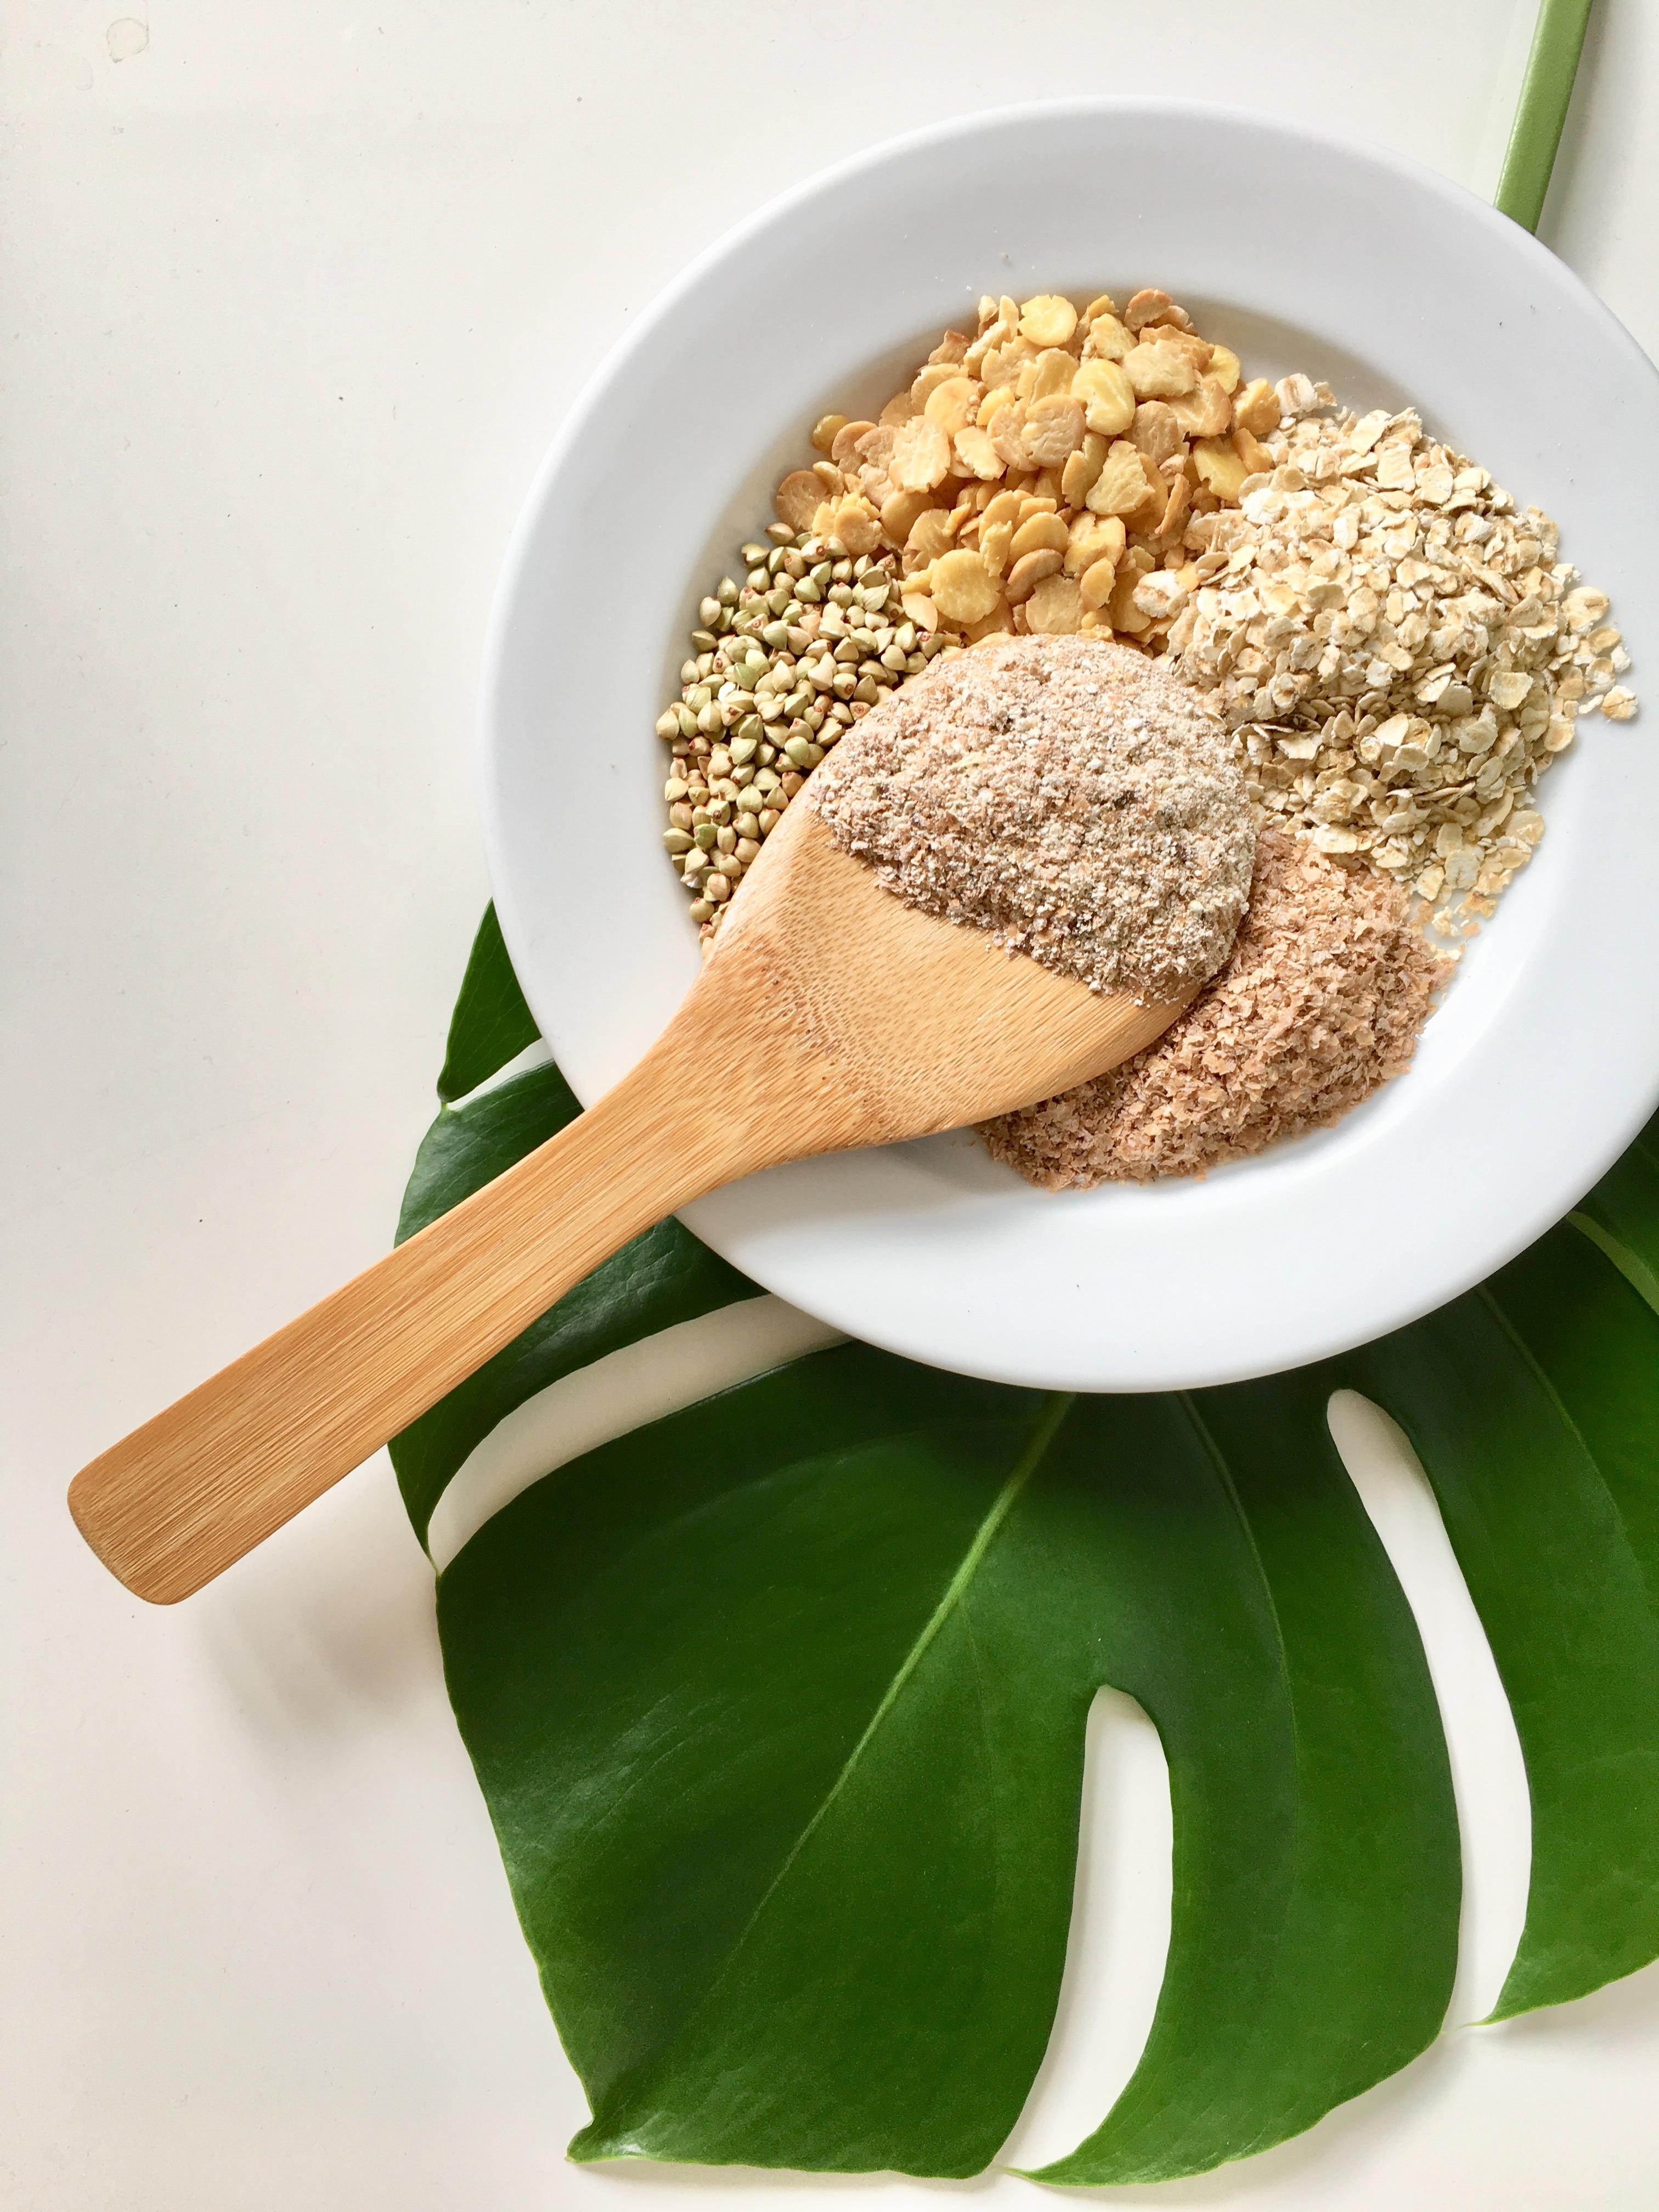 Porridge Grundrezept mit Banane und Zimt: Die Zutaten